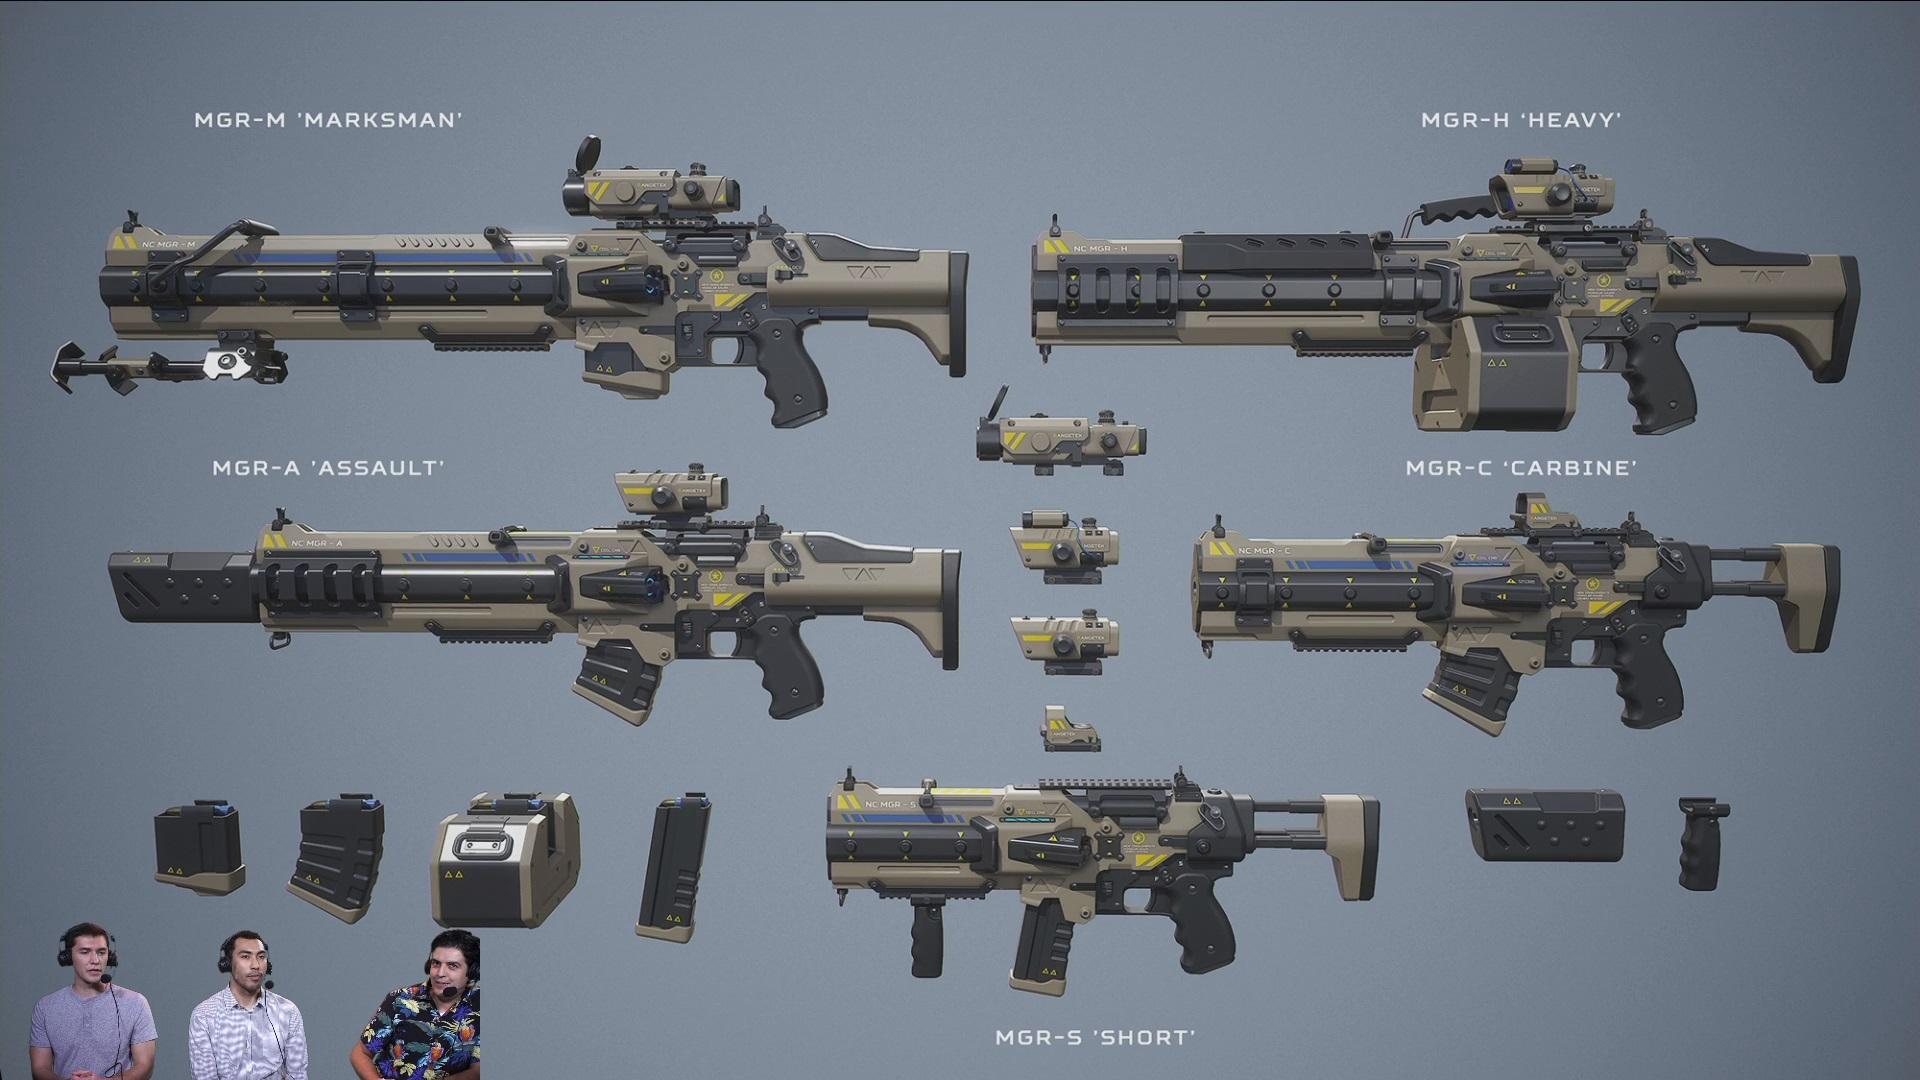 Будущие модели оружия - PlanetSide 2 daybreak game studio, dbg, planetside2, ps2, оружие